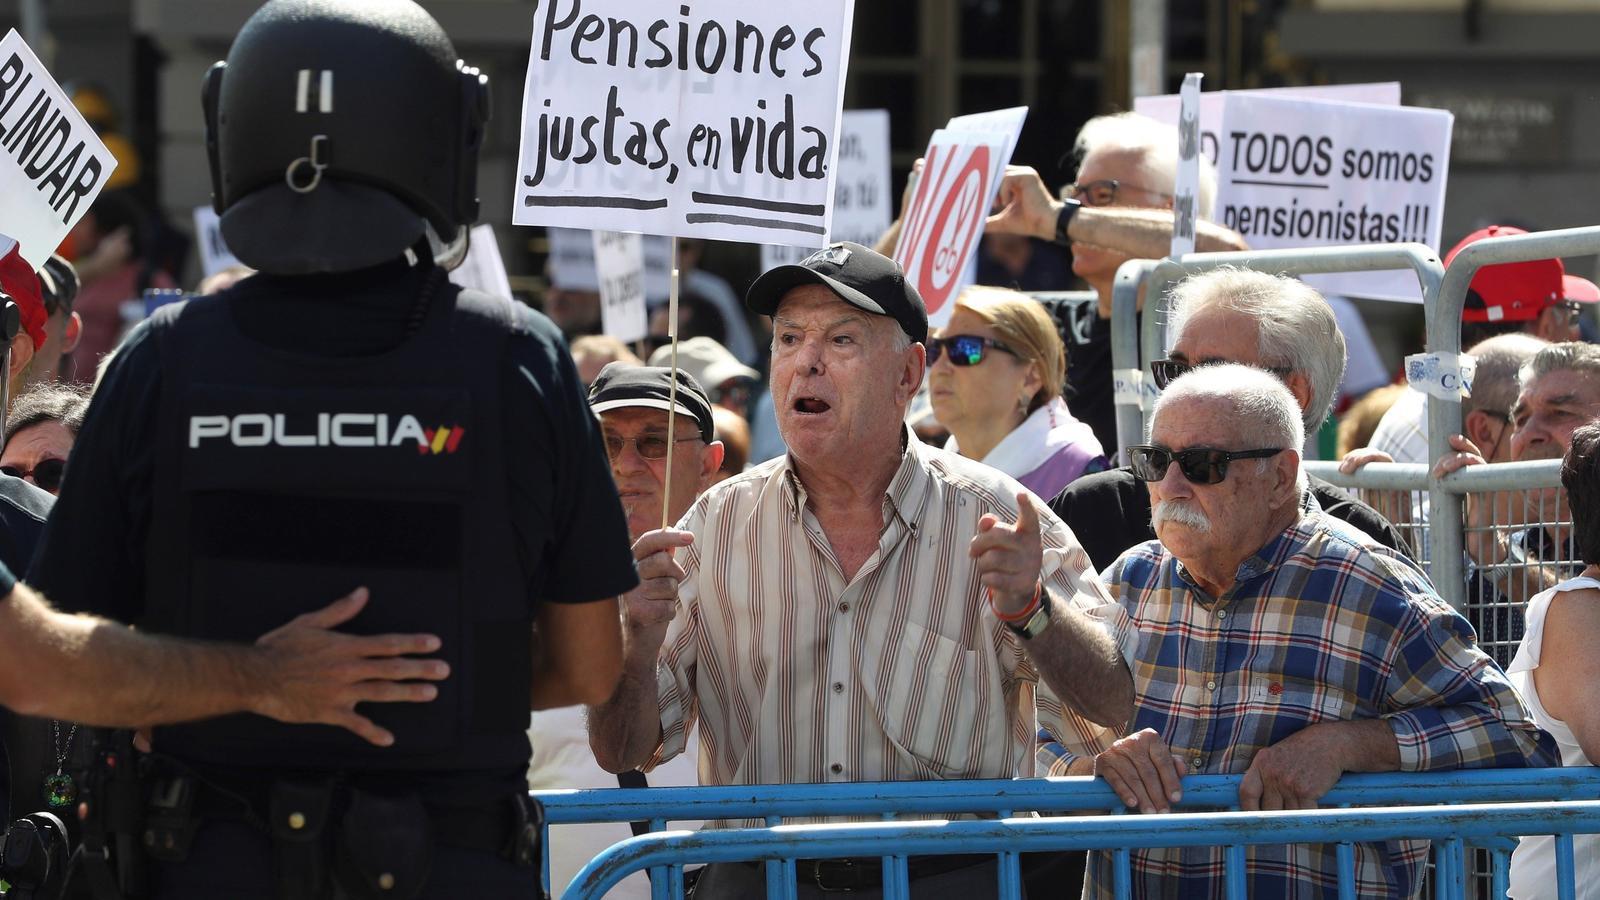 La ministra de Treball acceptaria que les pensions pugin per sota de l'IPC en temps de crisi si hi ha consens